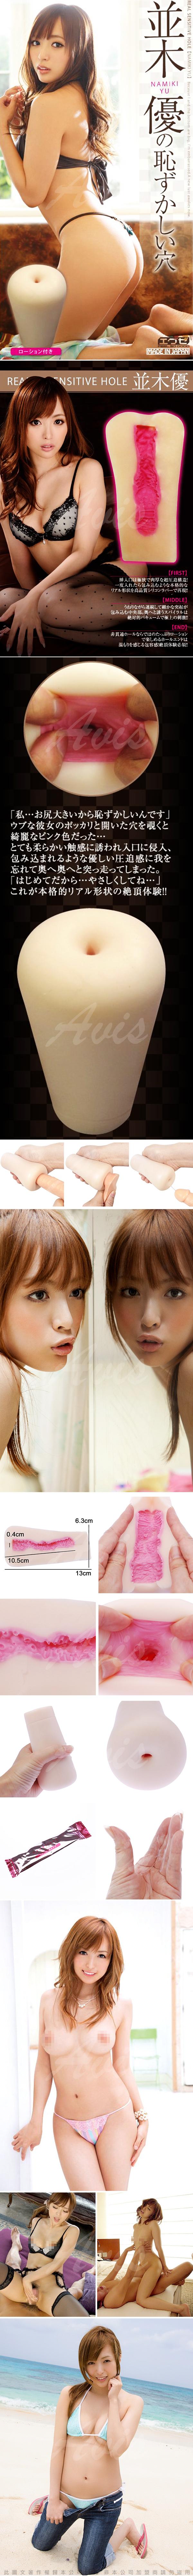 日本EXE 並木優 害羞連續刺激絕頂夾吸自慰器